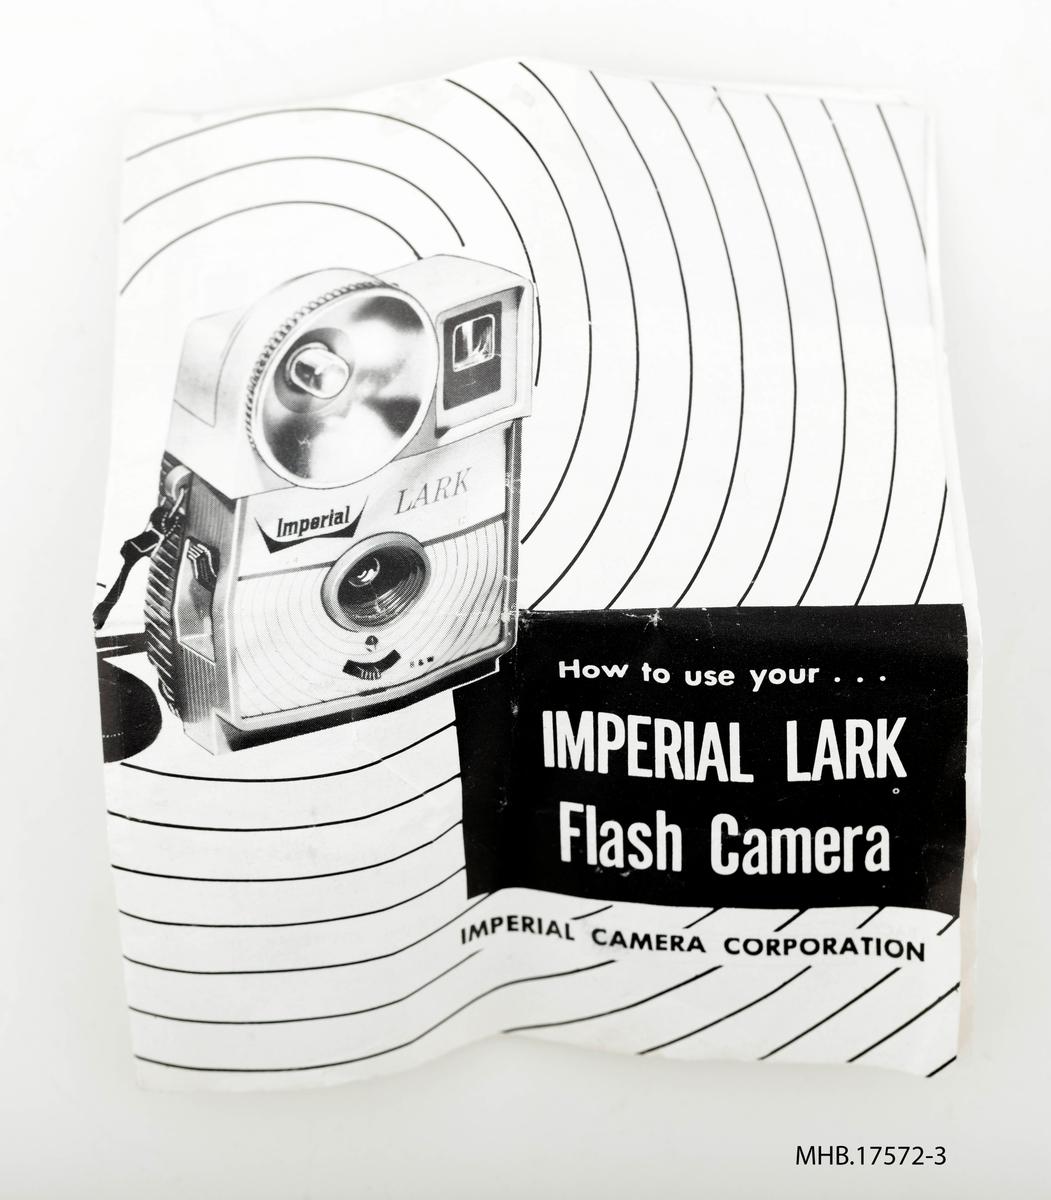 Fotoapparat Imperial Lark flash Camera (filmrull 127 mm) med eske og veiledning. Produksjonssted: USA